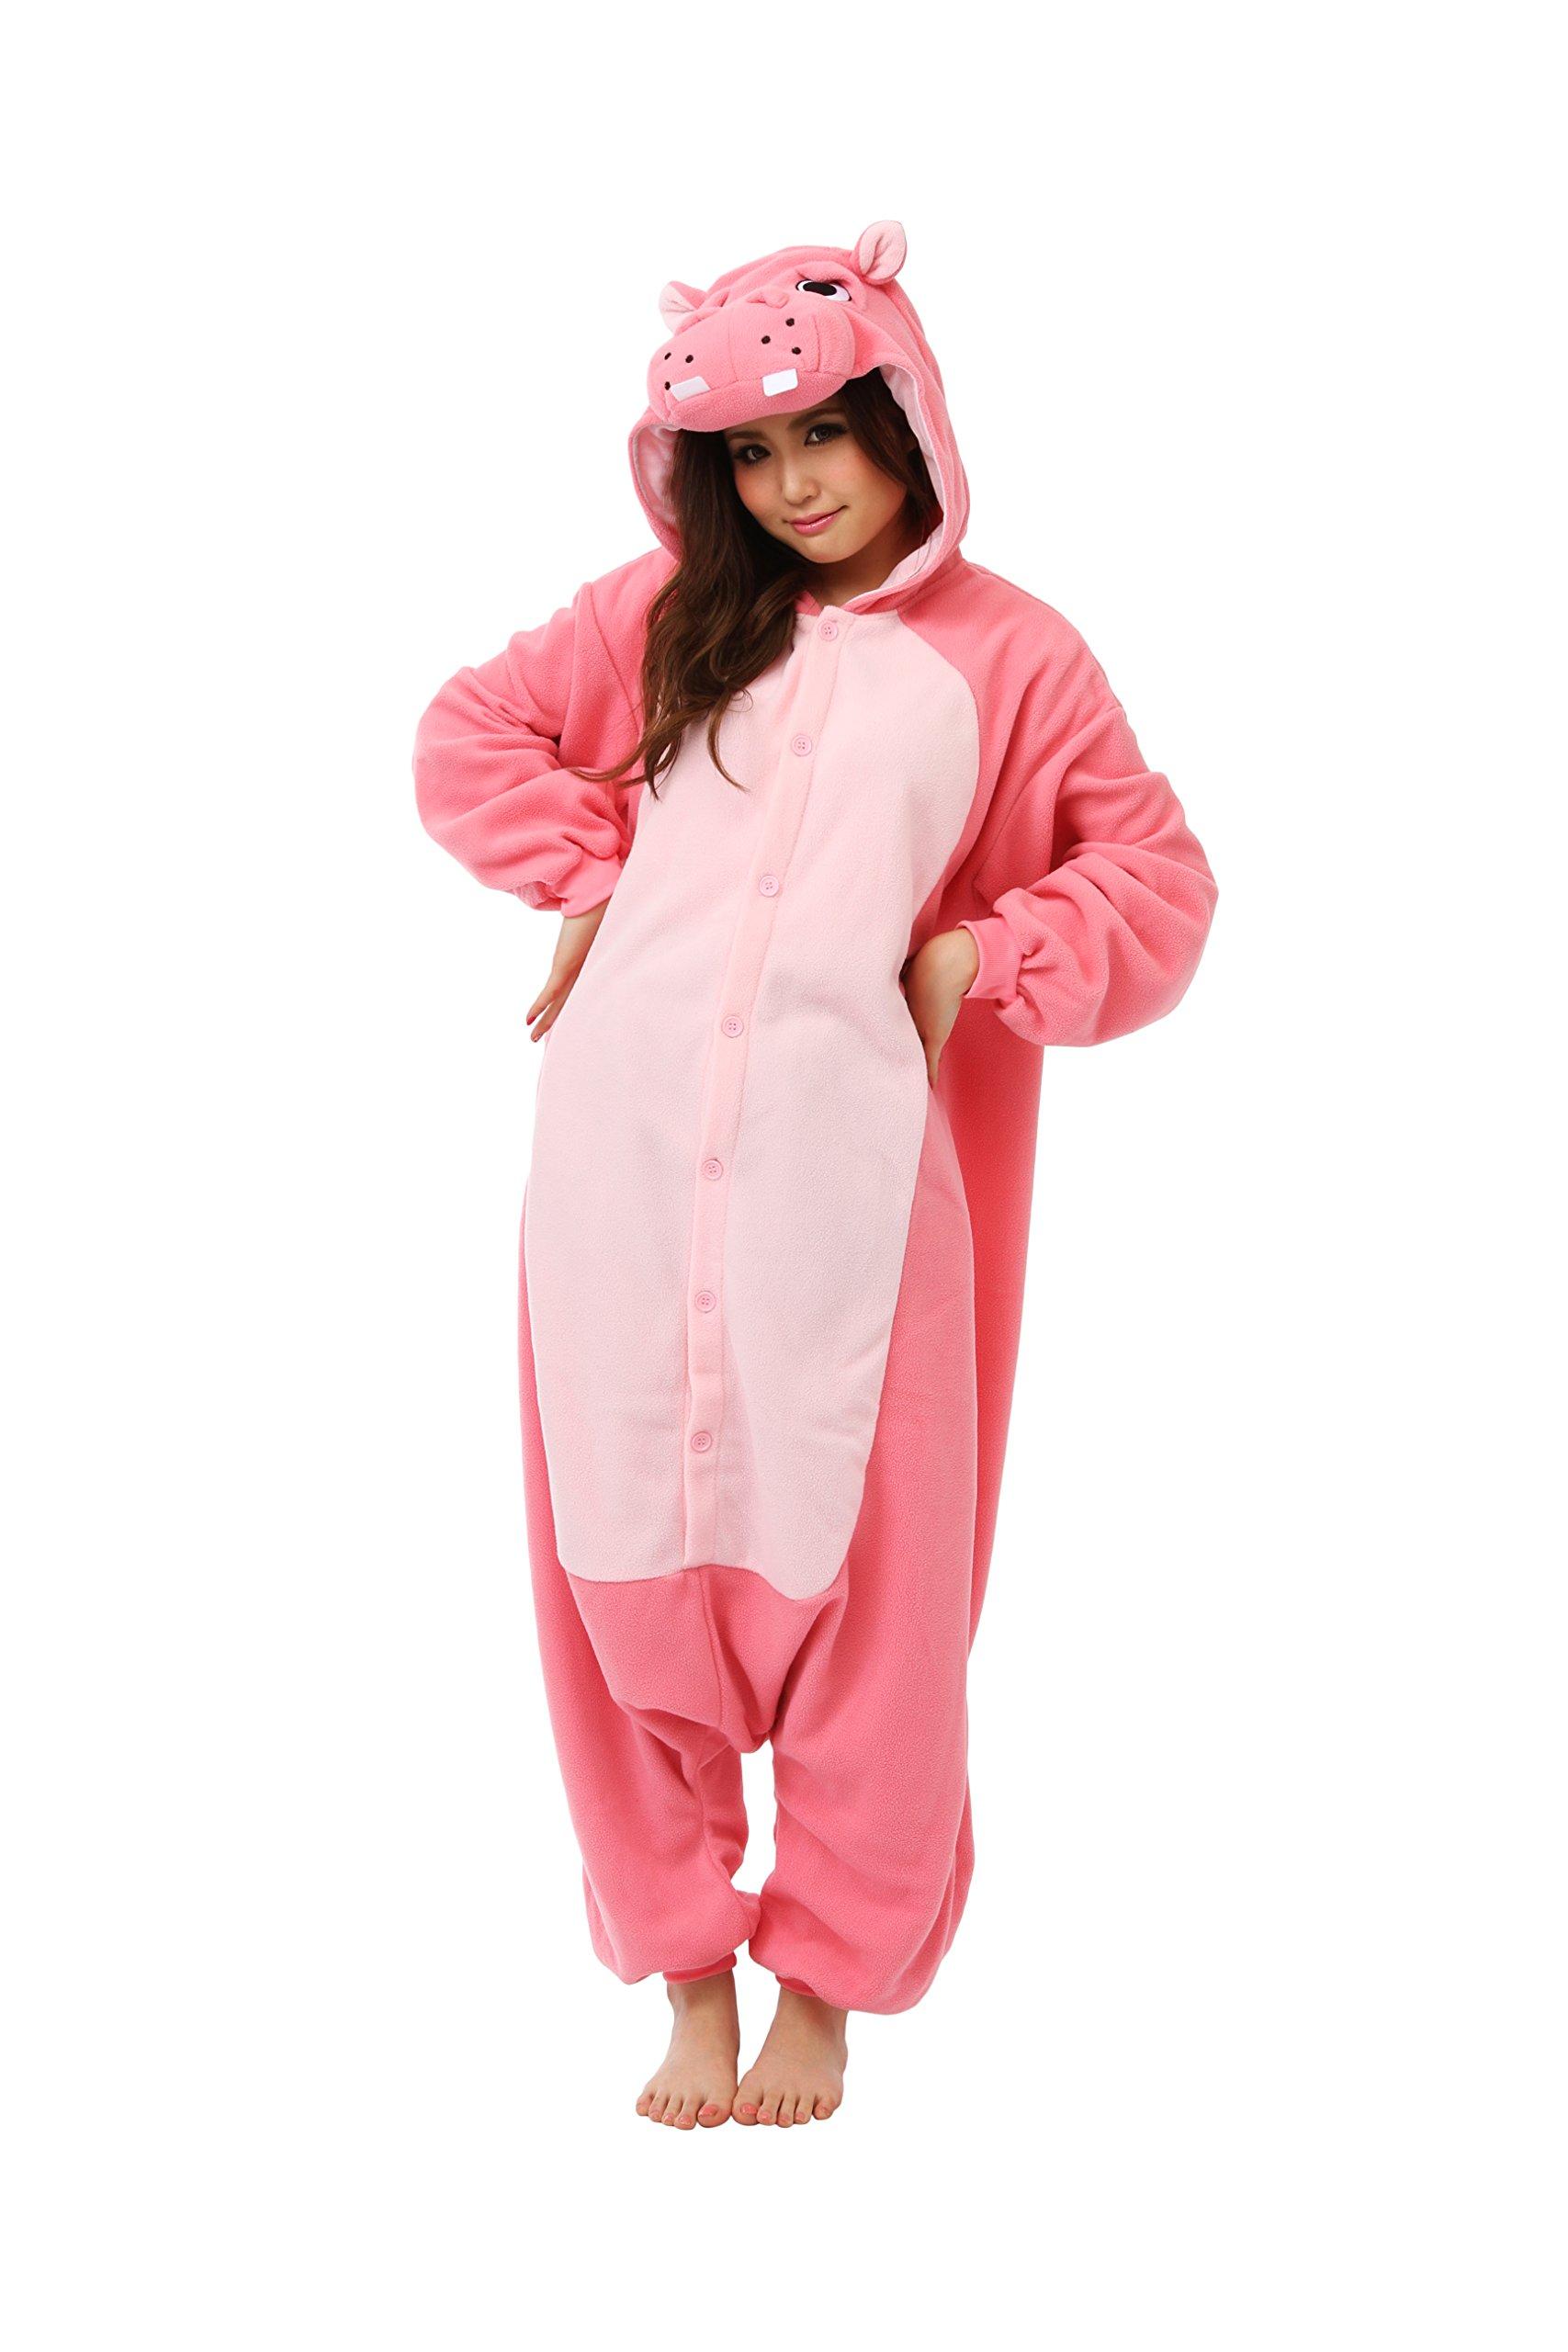 Hippo Kigurumi - Adult Costume